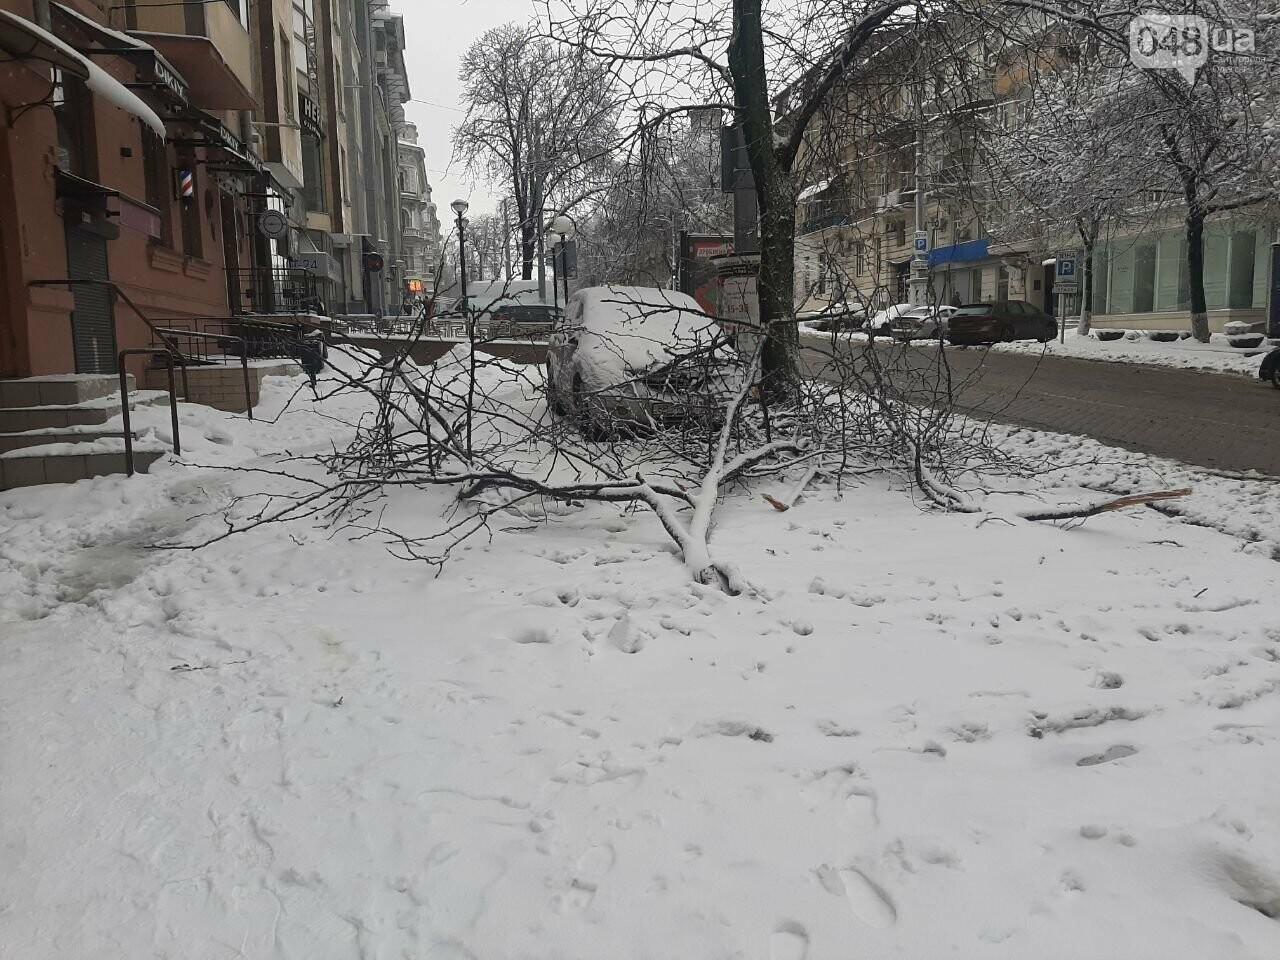 Последствия непогоды в Одессе, - ФОТОРЕПОРТАЖ, фото-2828